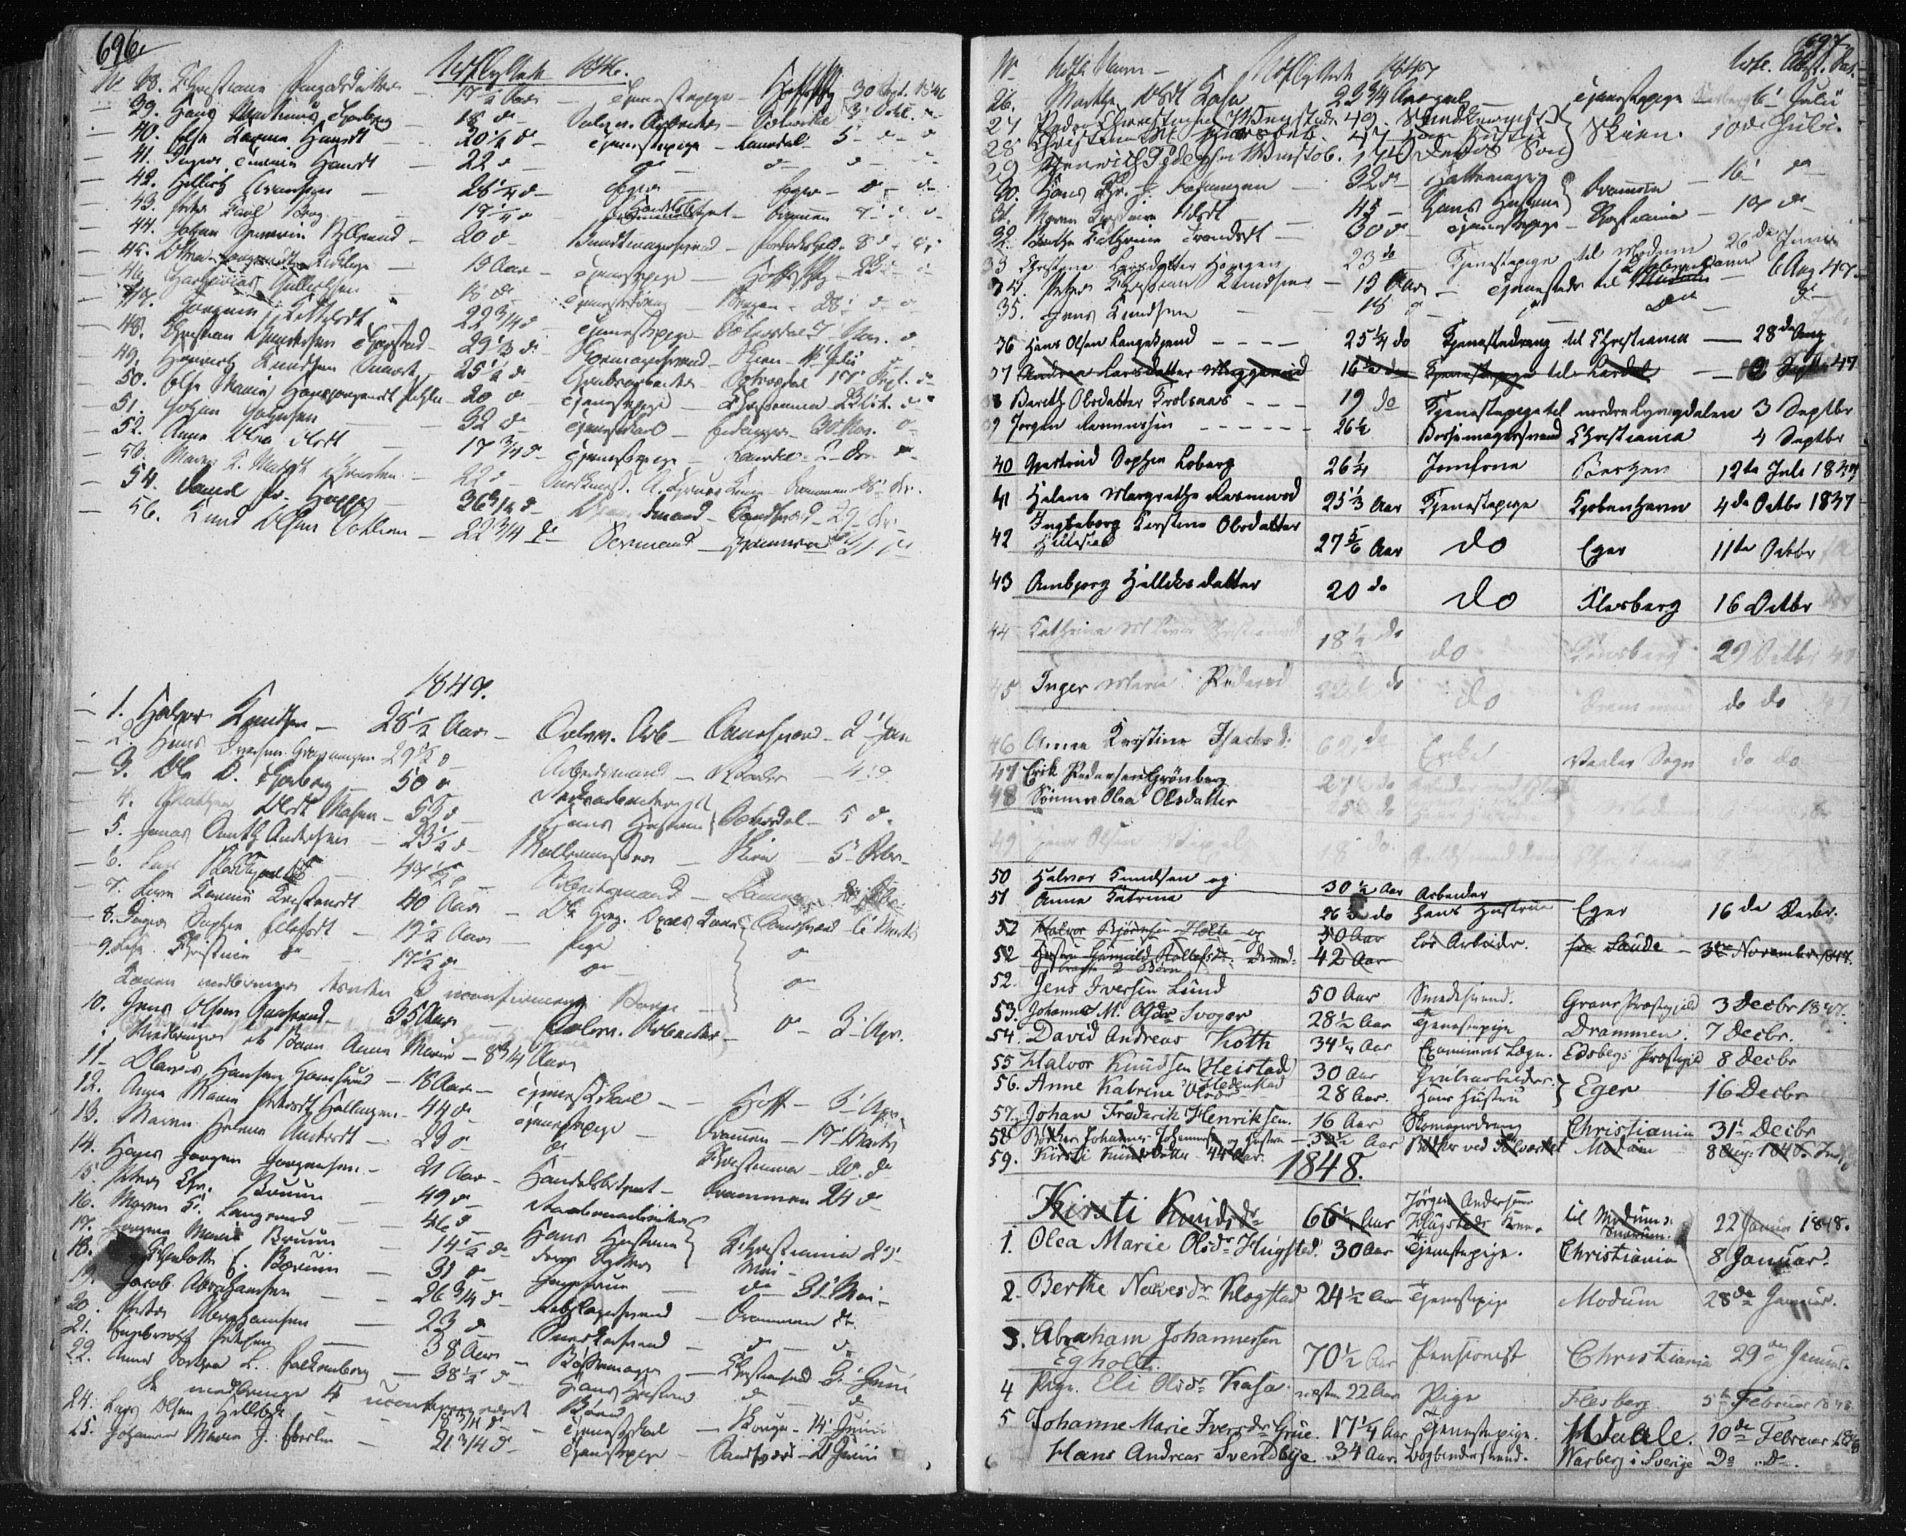 SAKO, Kongsberg kirkebøker, F/Fa/L0009: Ministerialbok nr. I 9, 1839-1858, s. 696-697